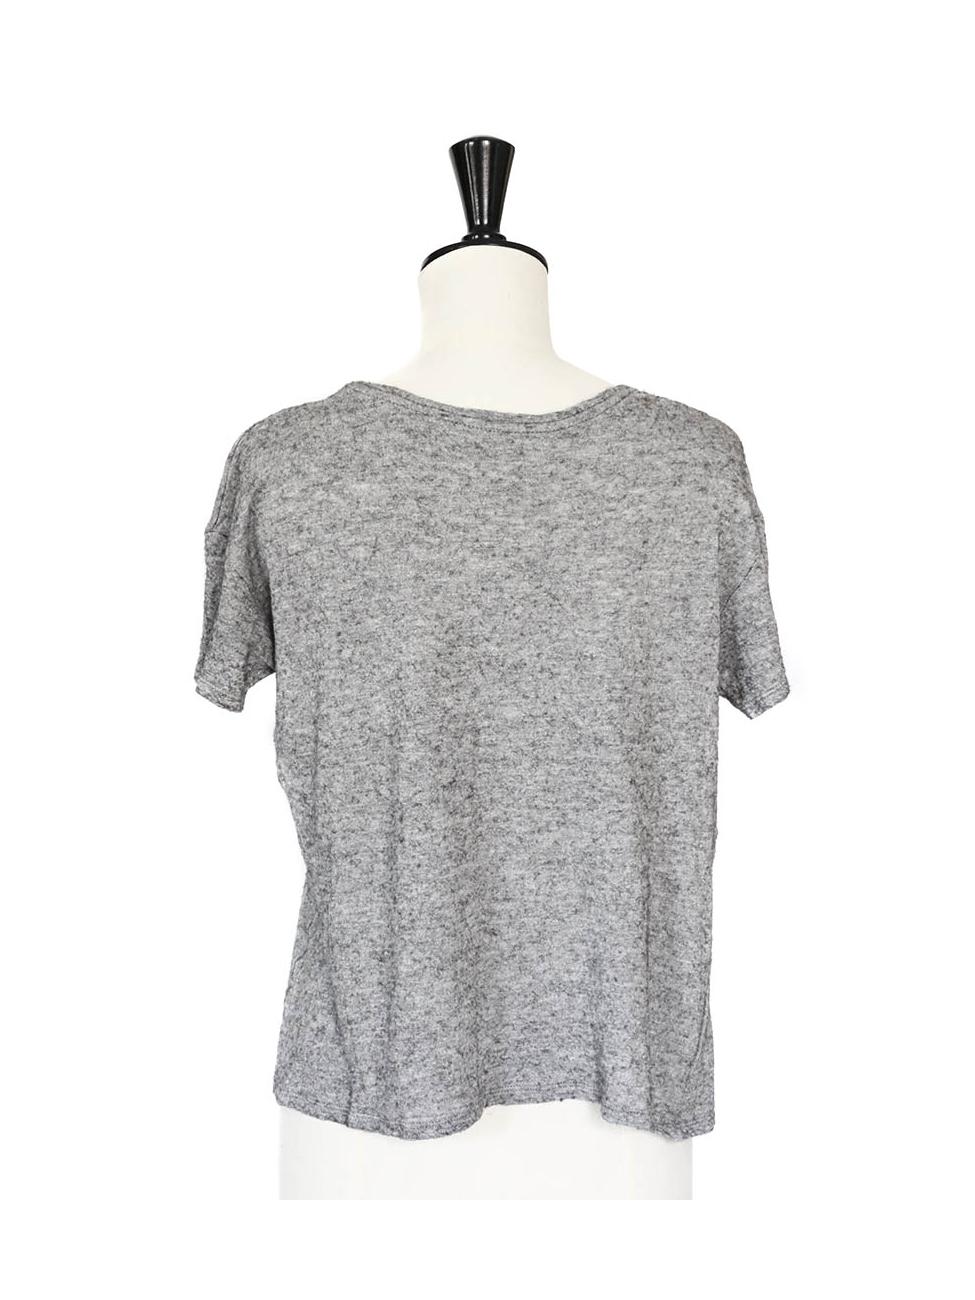 tee shirt gris femme zara